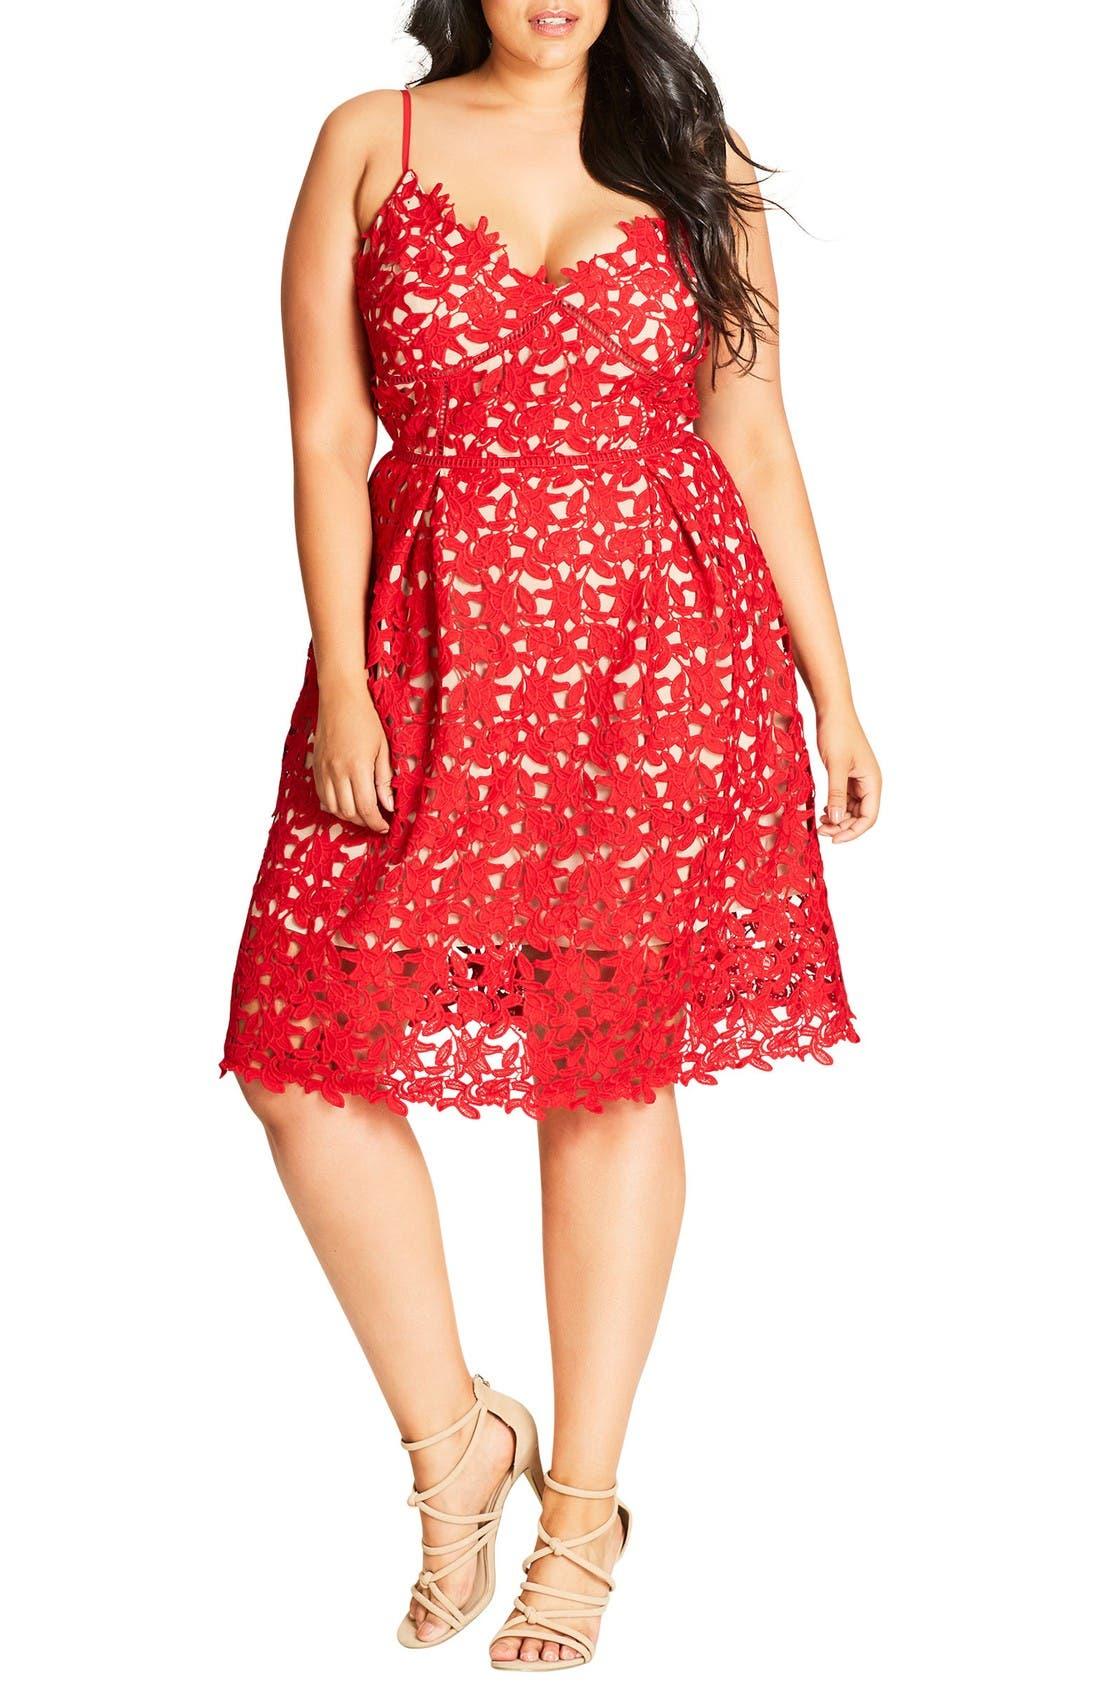 Main Image - City Chic So Fancy Lace Dress (Plus Size)